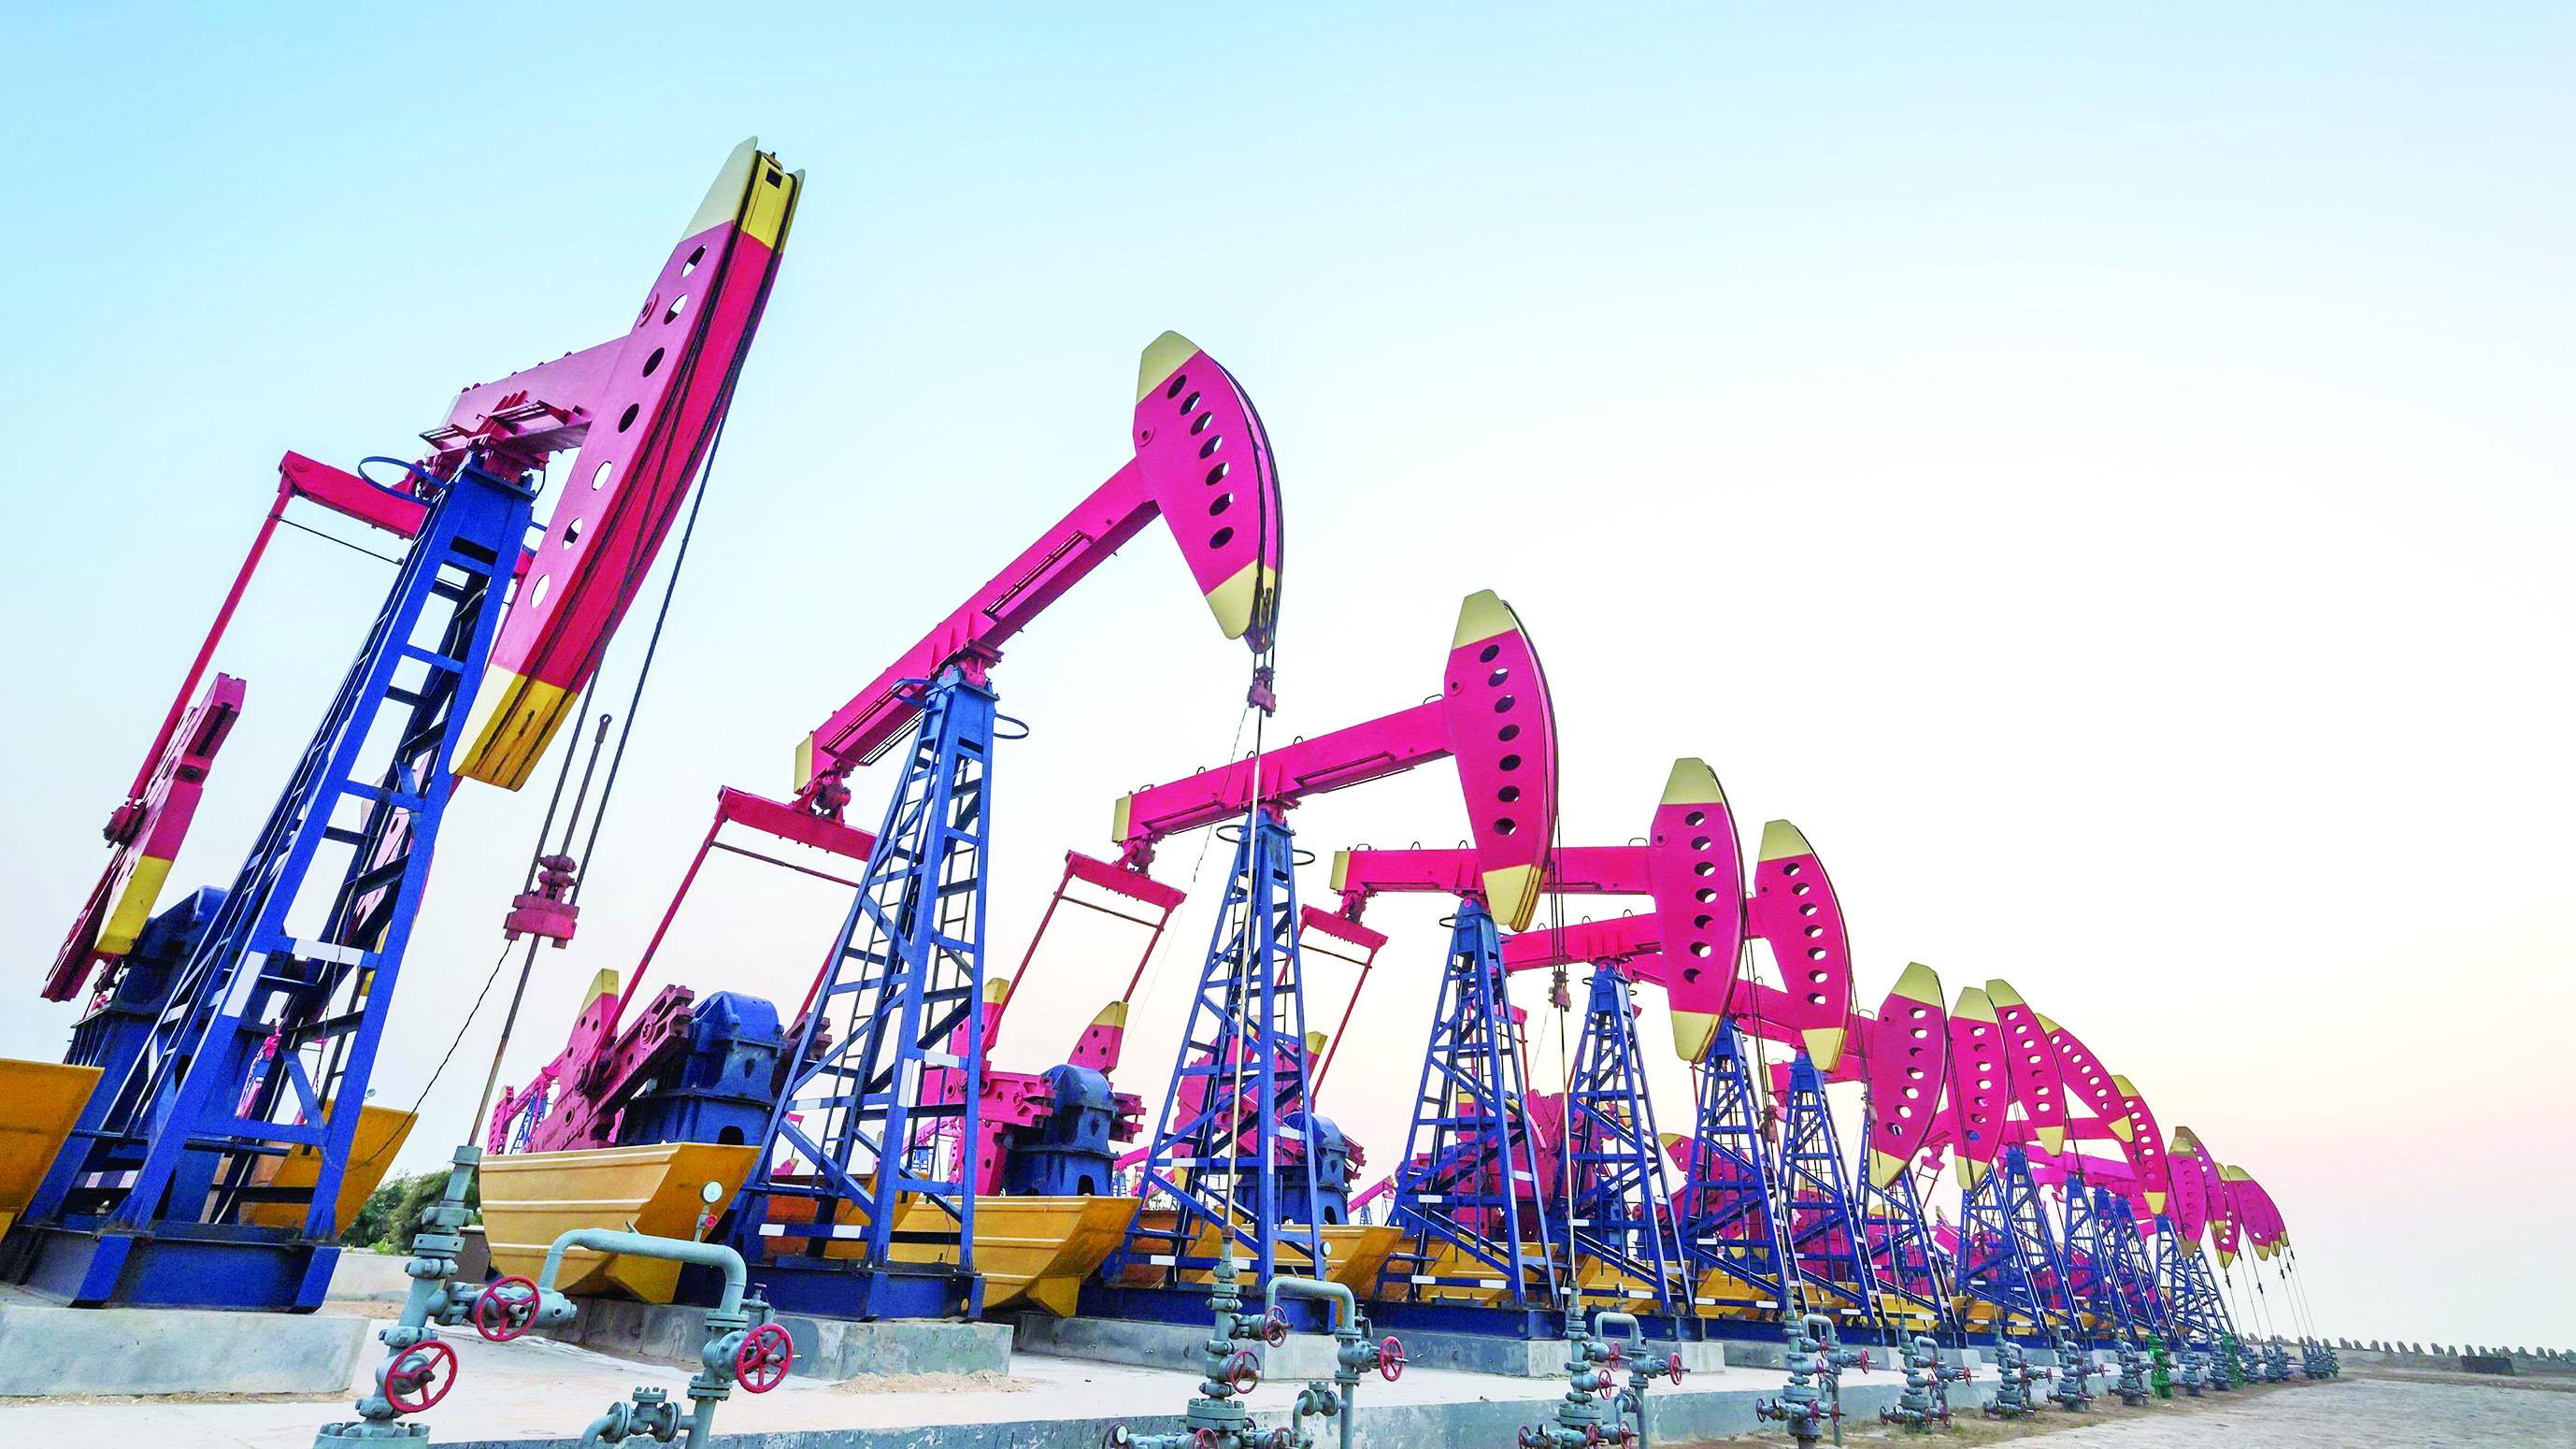 متوسط سعر النفط العماني يرتفع 35 %